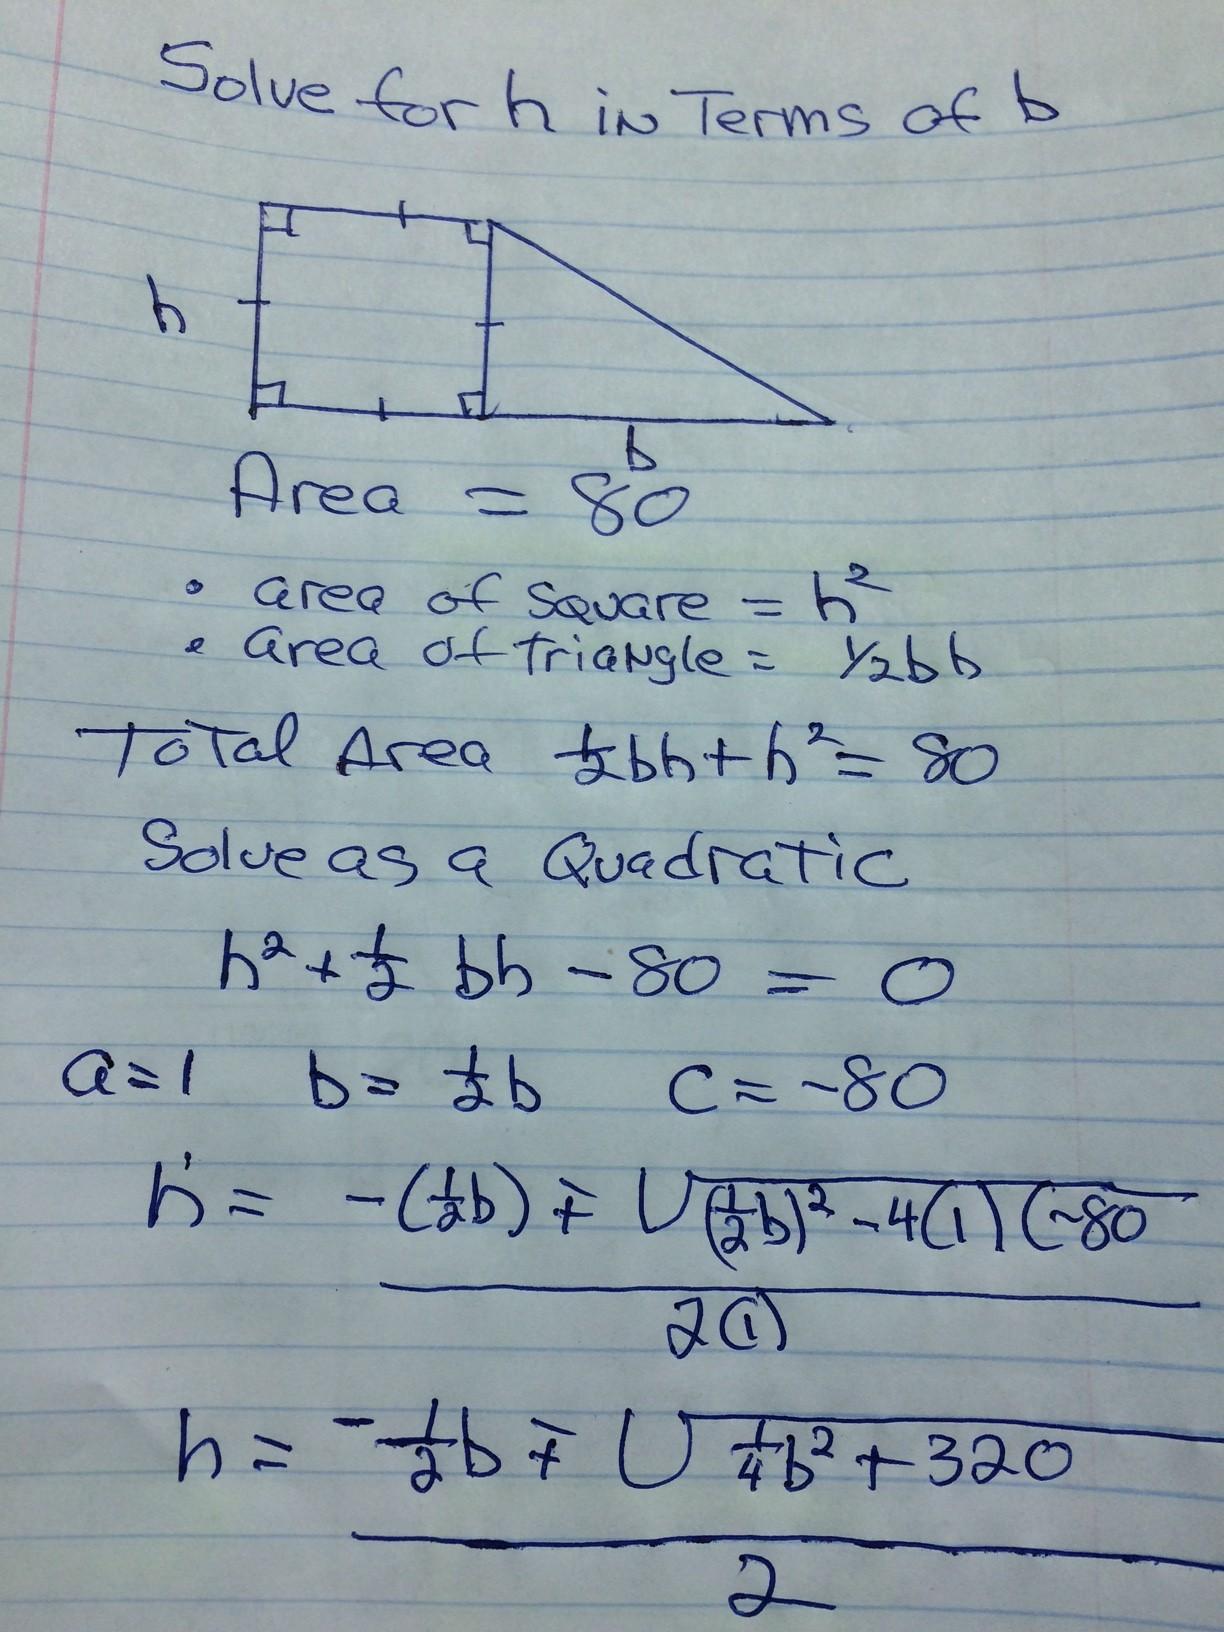 Algebra Geometry & Basic Math Tutoring Solving for h involves a ...